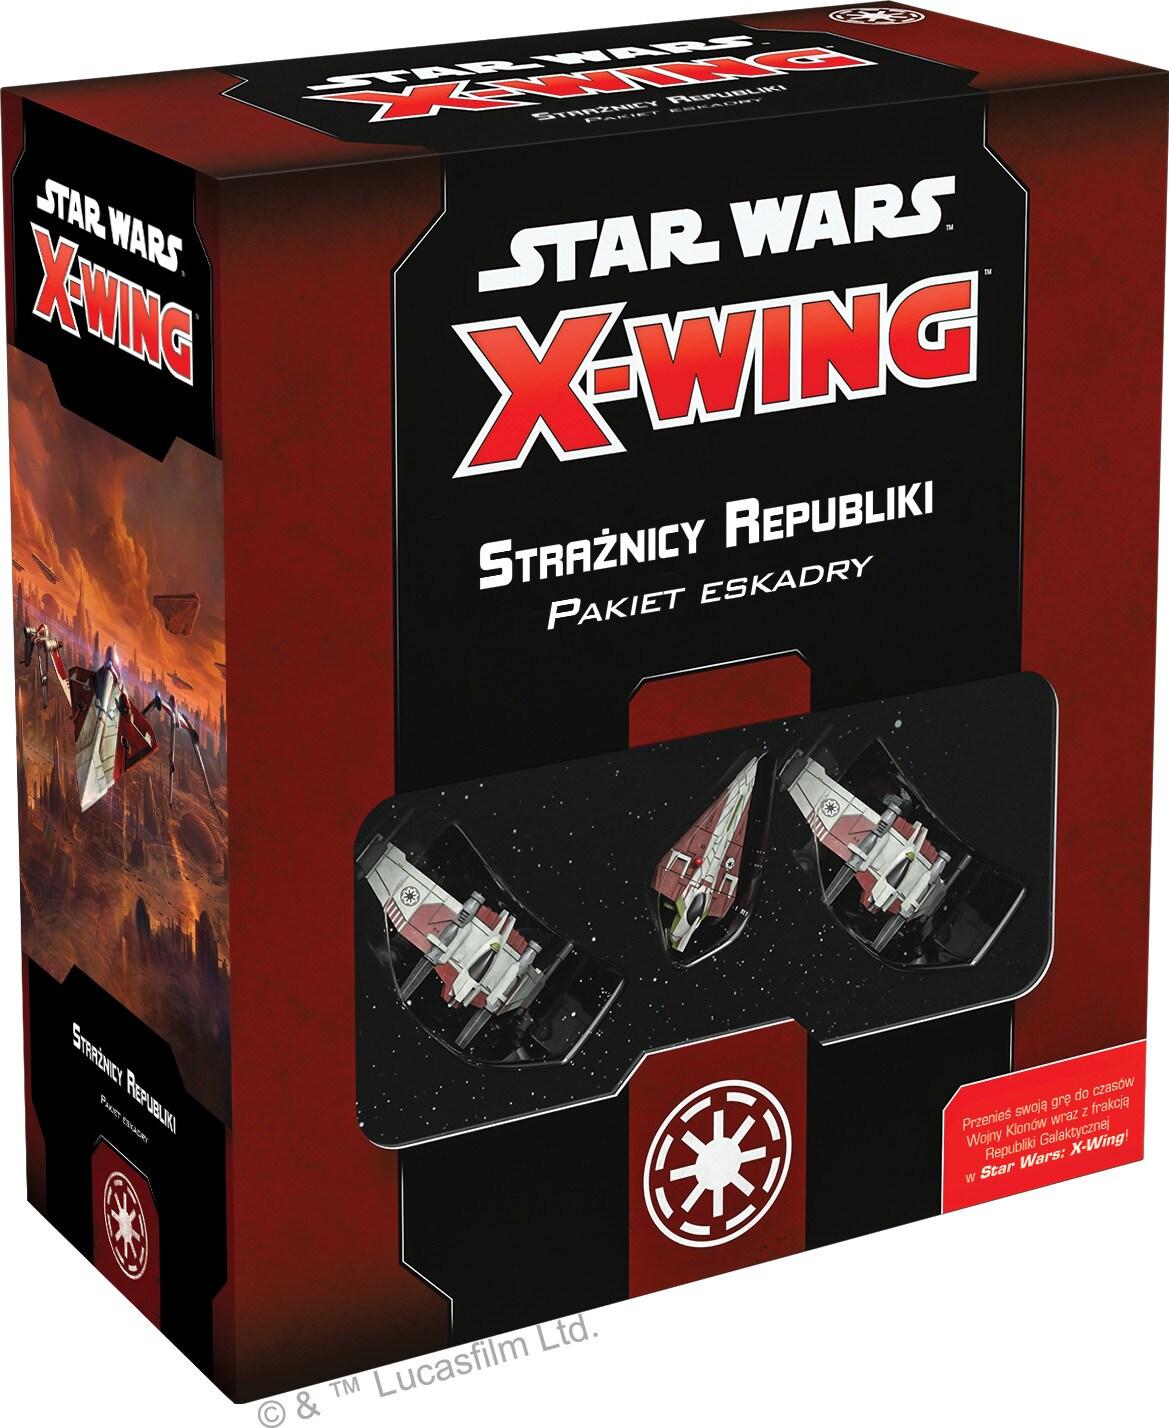 Star Wars: X-Wing - Pakiet eskadry - Strażnicy Republiki - 1